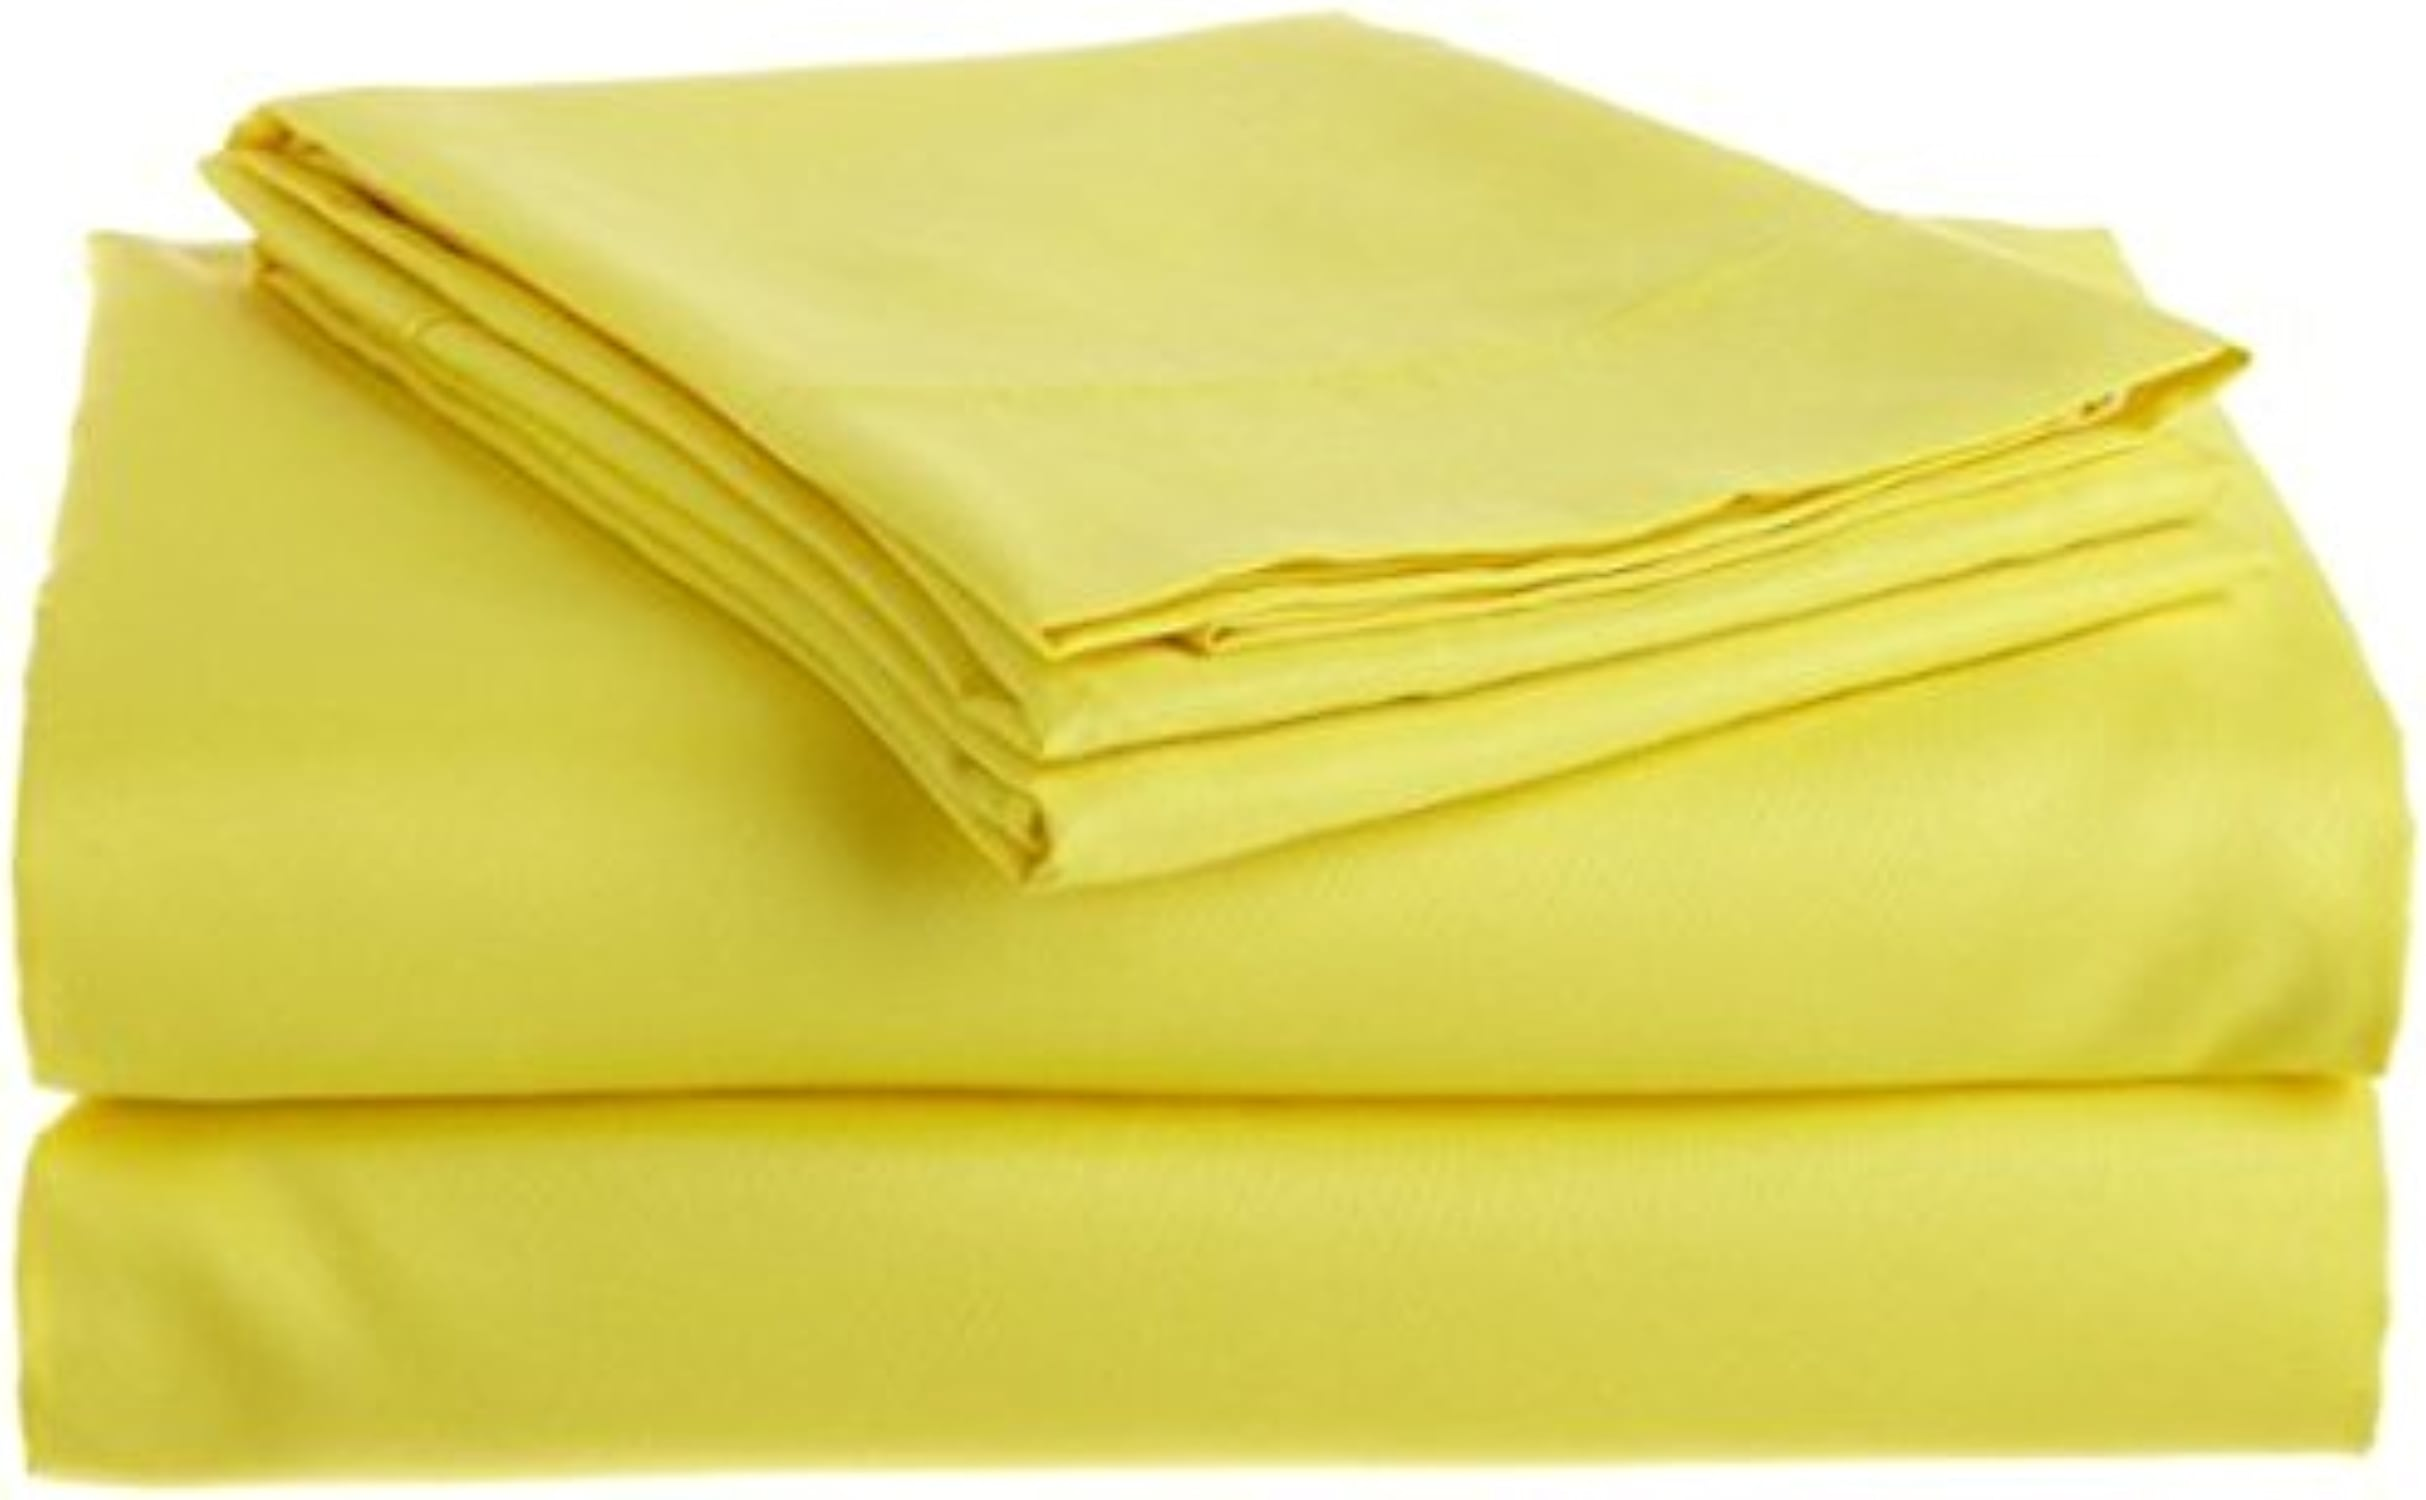 Laxlinens 400fils Feuille de lit en coton égypcravaten 4pièces (+ 45,7cm) poche profonde suppléHommestaire Taille UK Petit simple longue jaune massif,